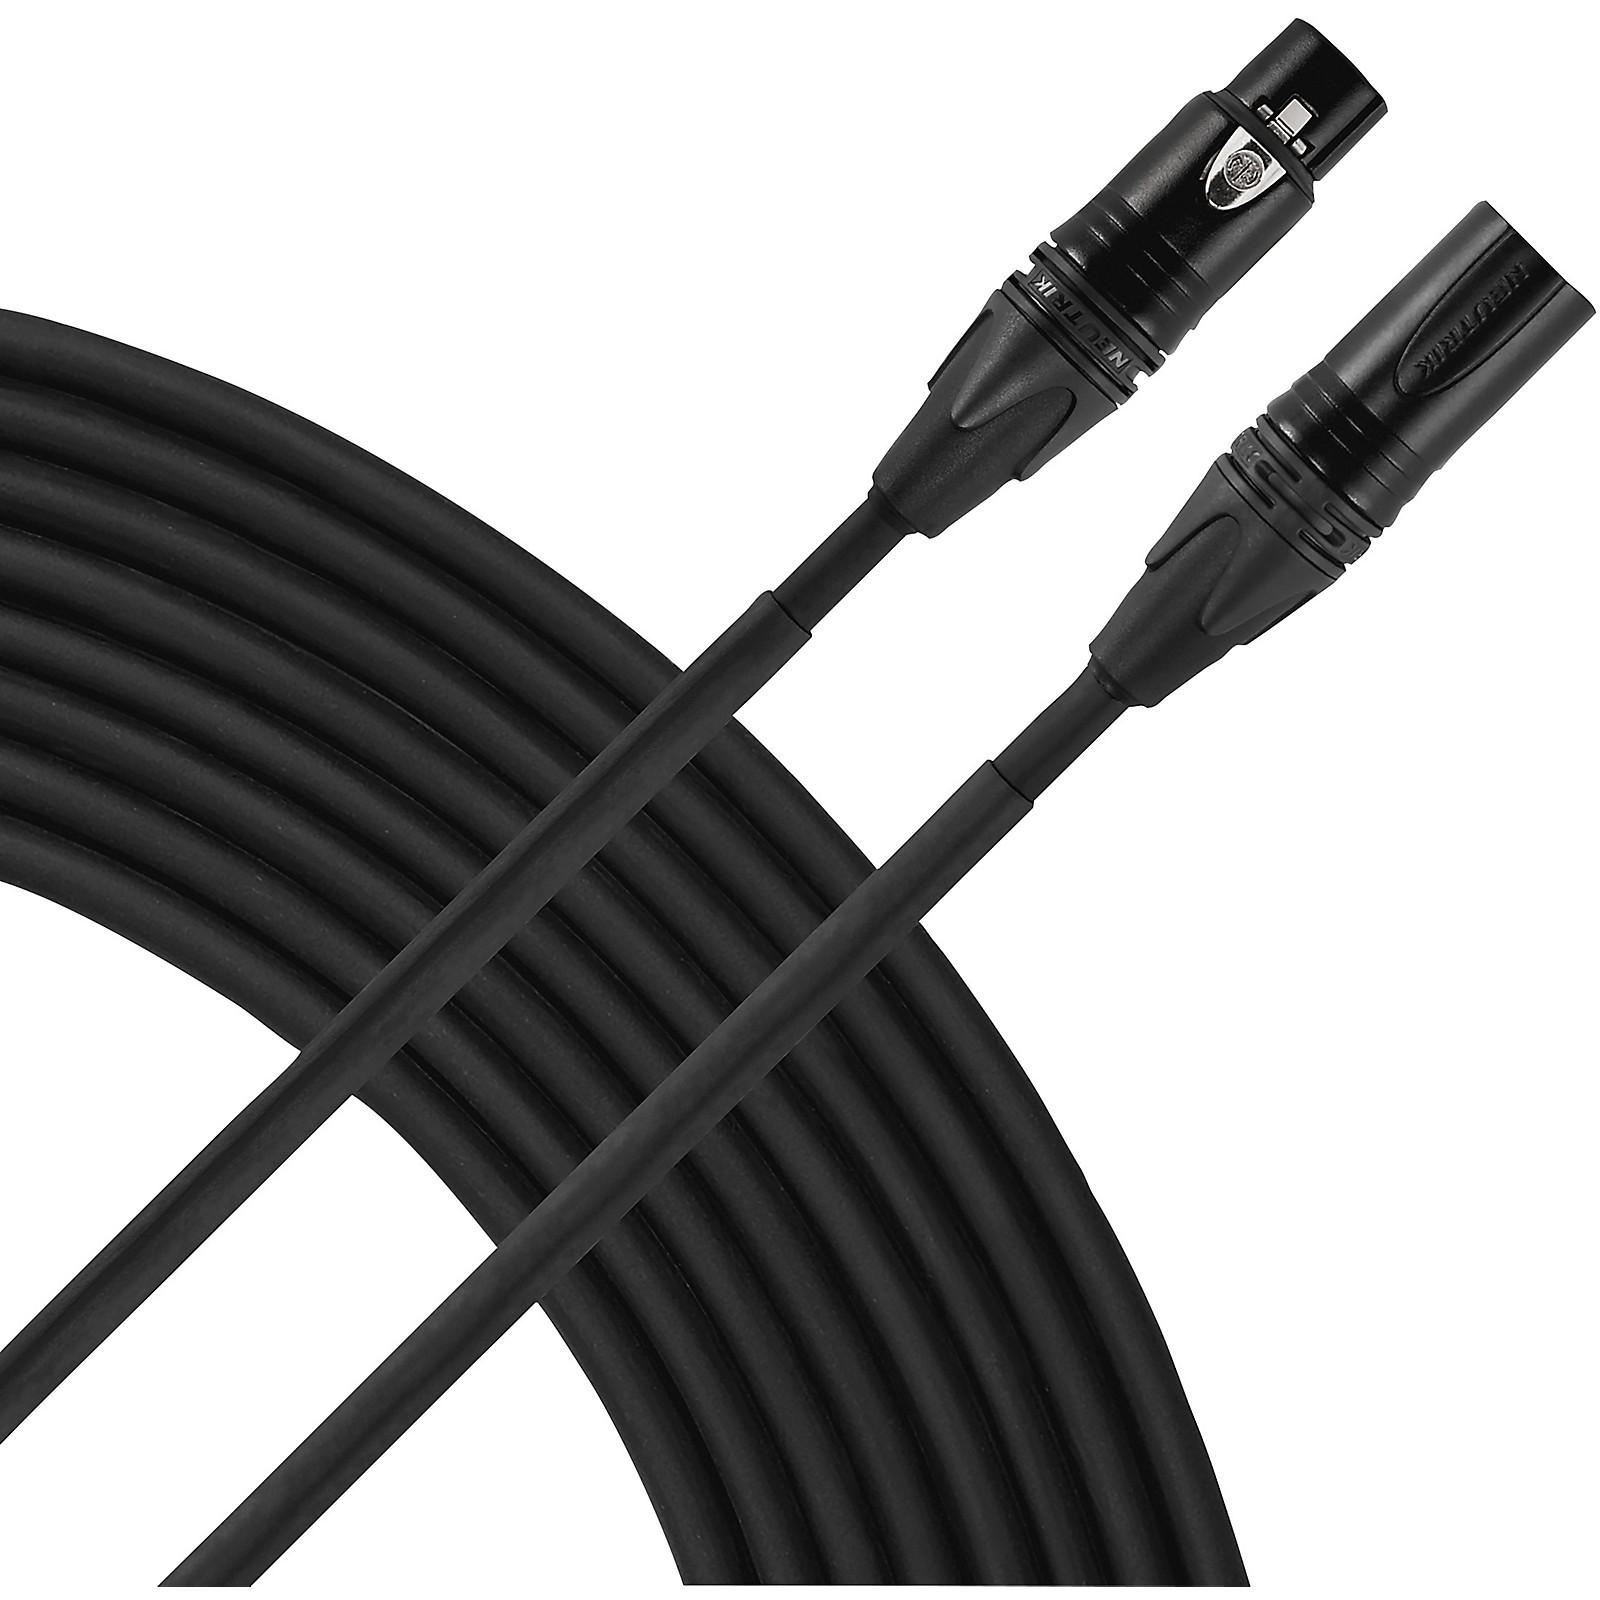 Livewire Advantage XLR Microphone Cable